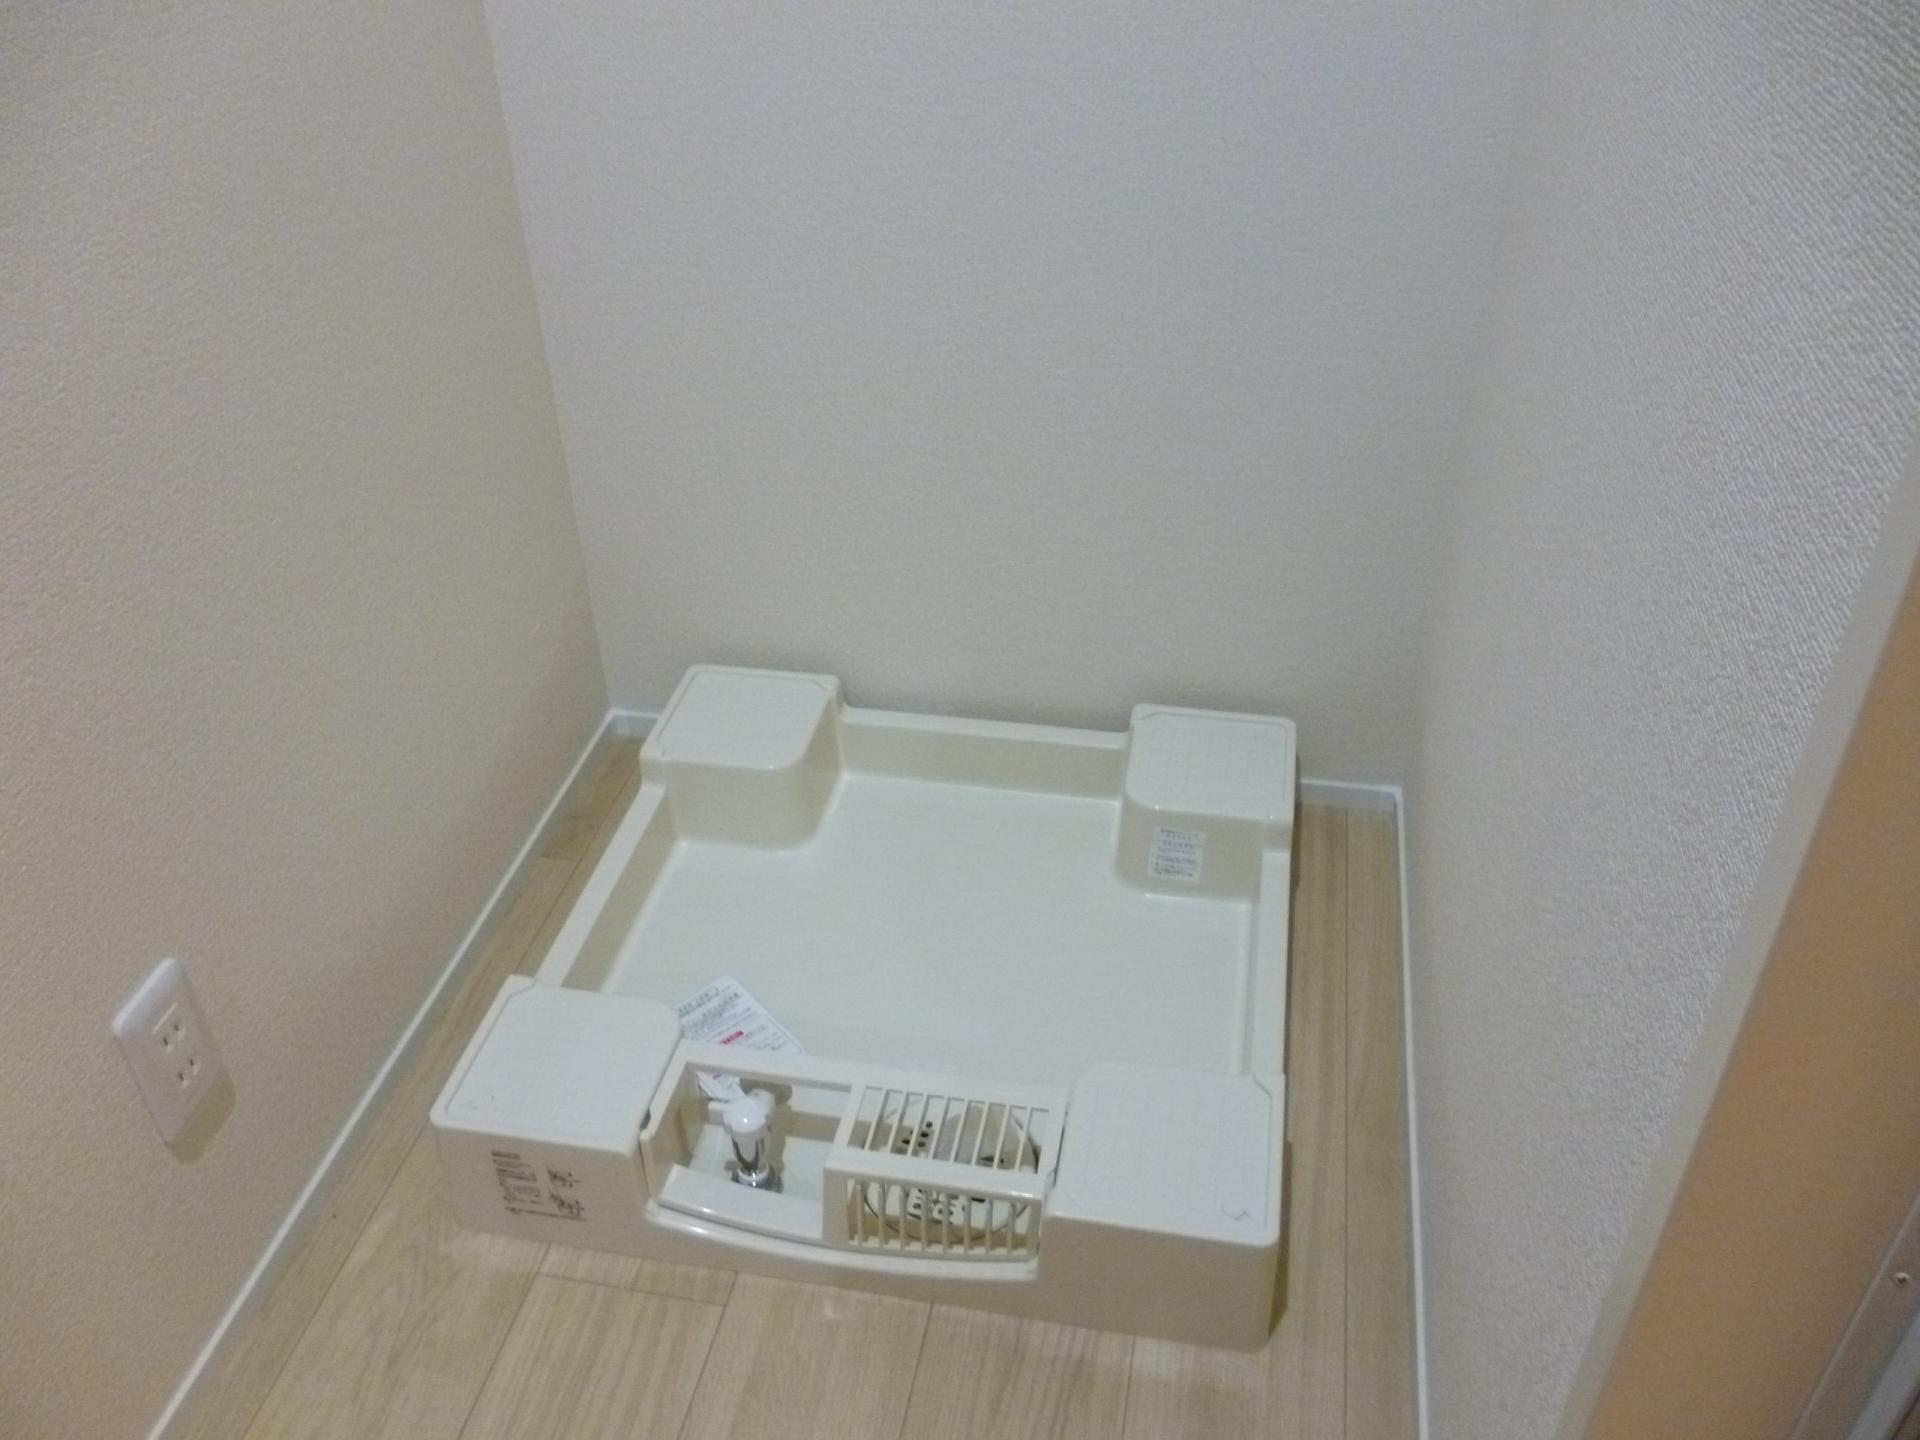 洗濯機の排水トラップの外し方と掃除方法!悪臭の元をさっぱり